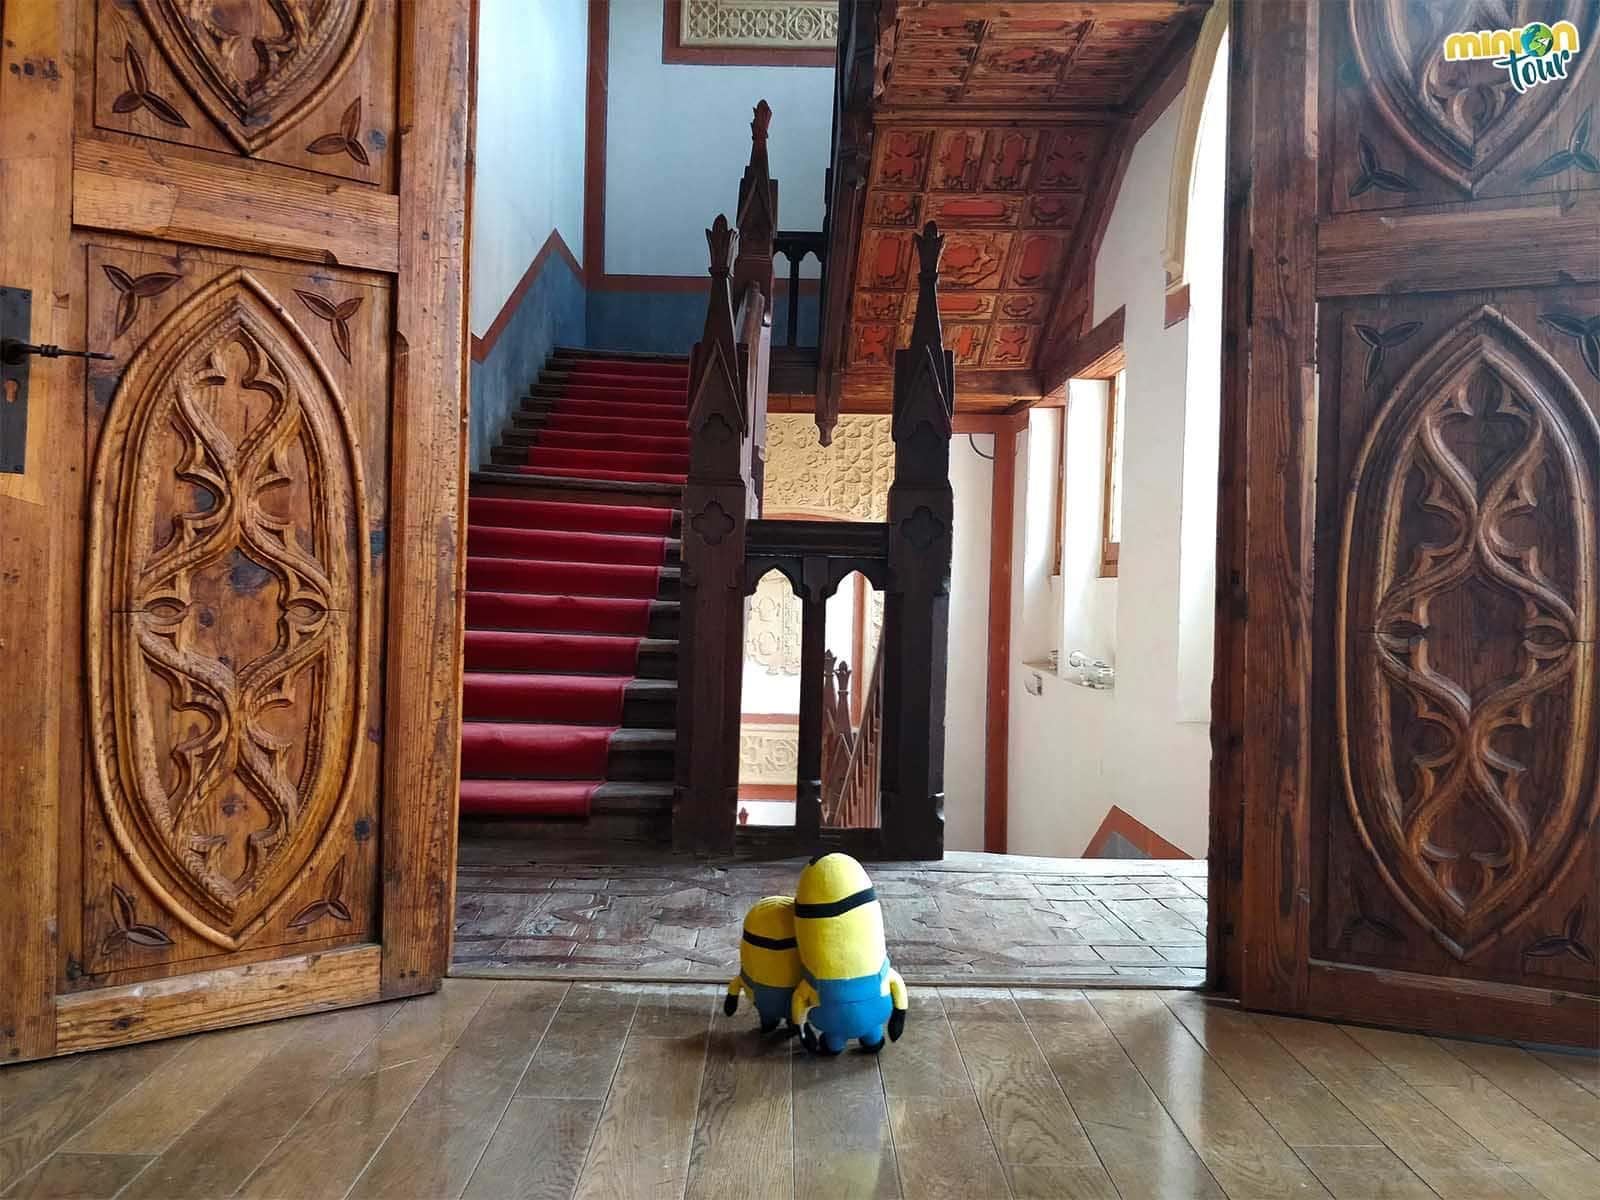 La preciosa escalera del Castillo de Belmonte